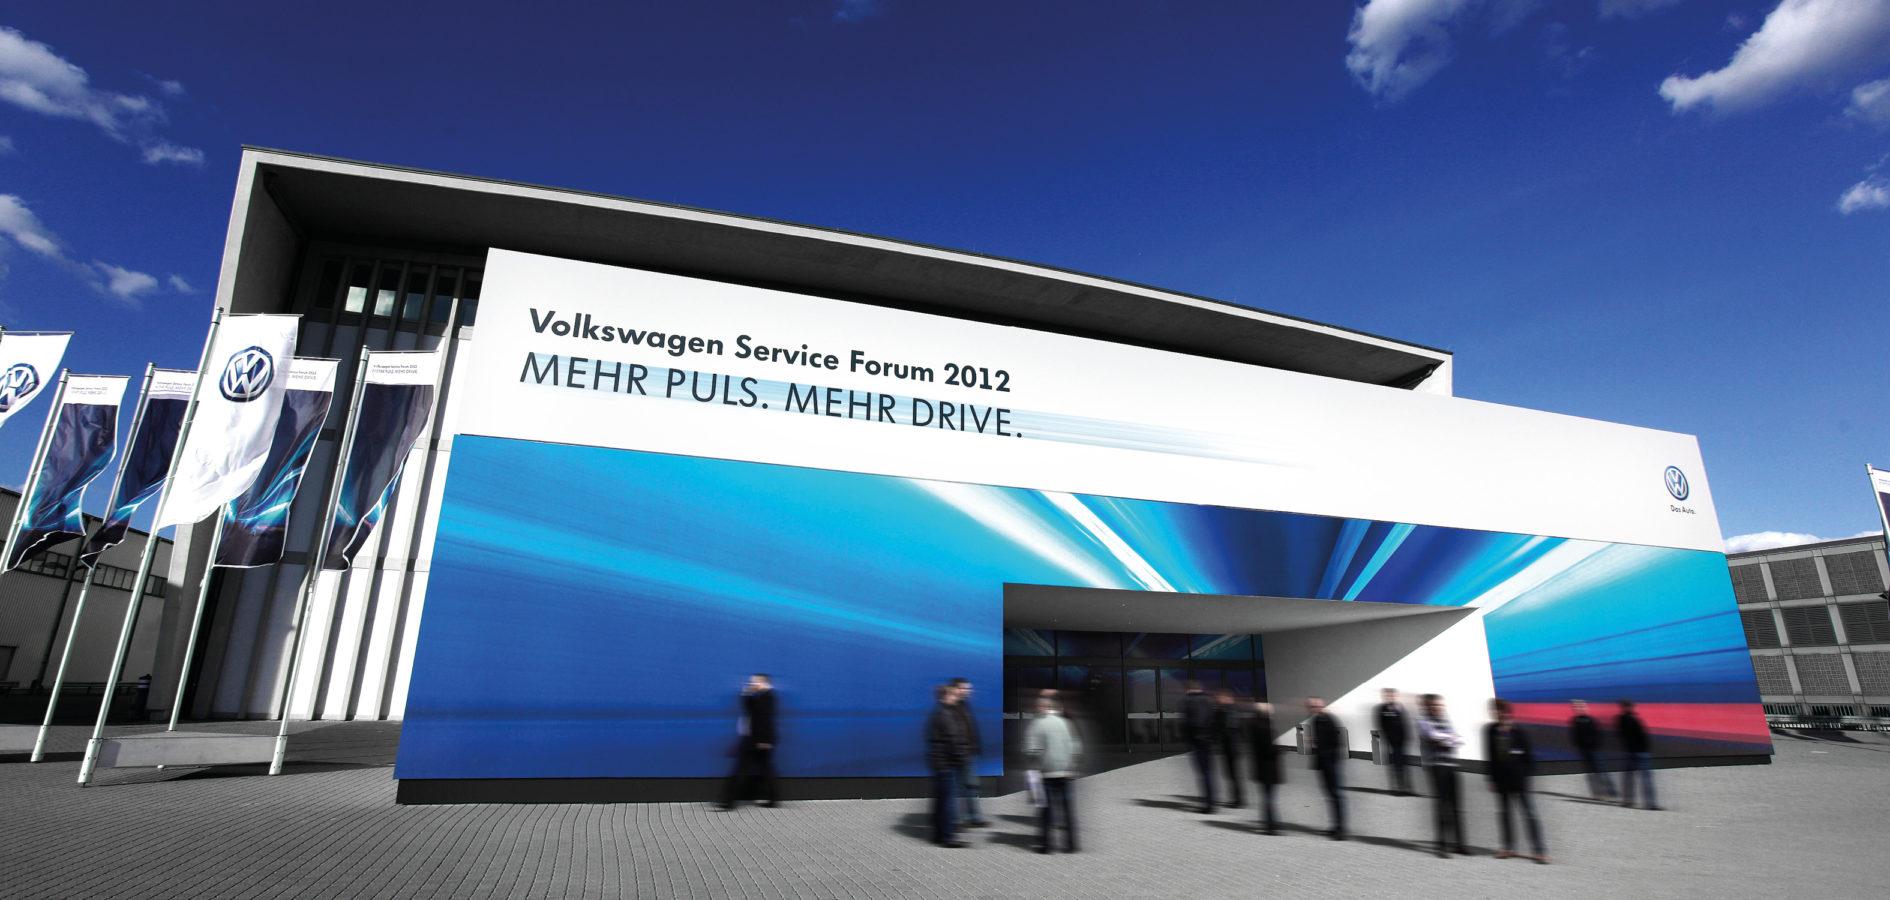 Volkswagen Service Forum